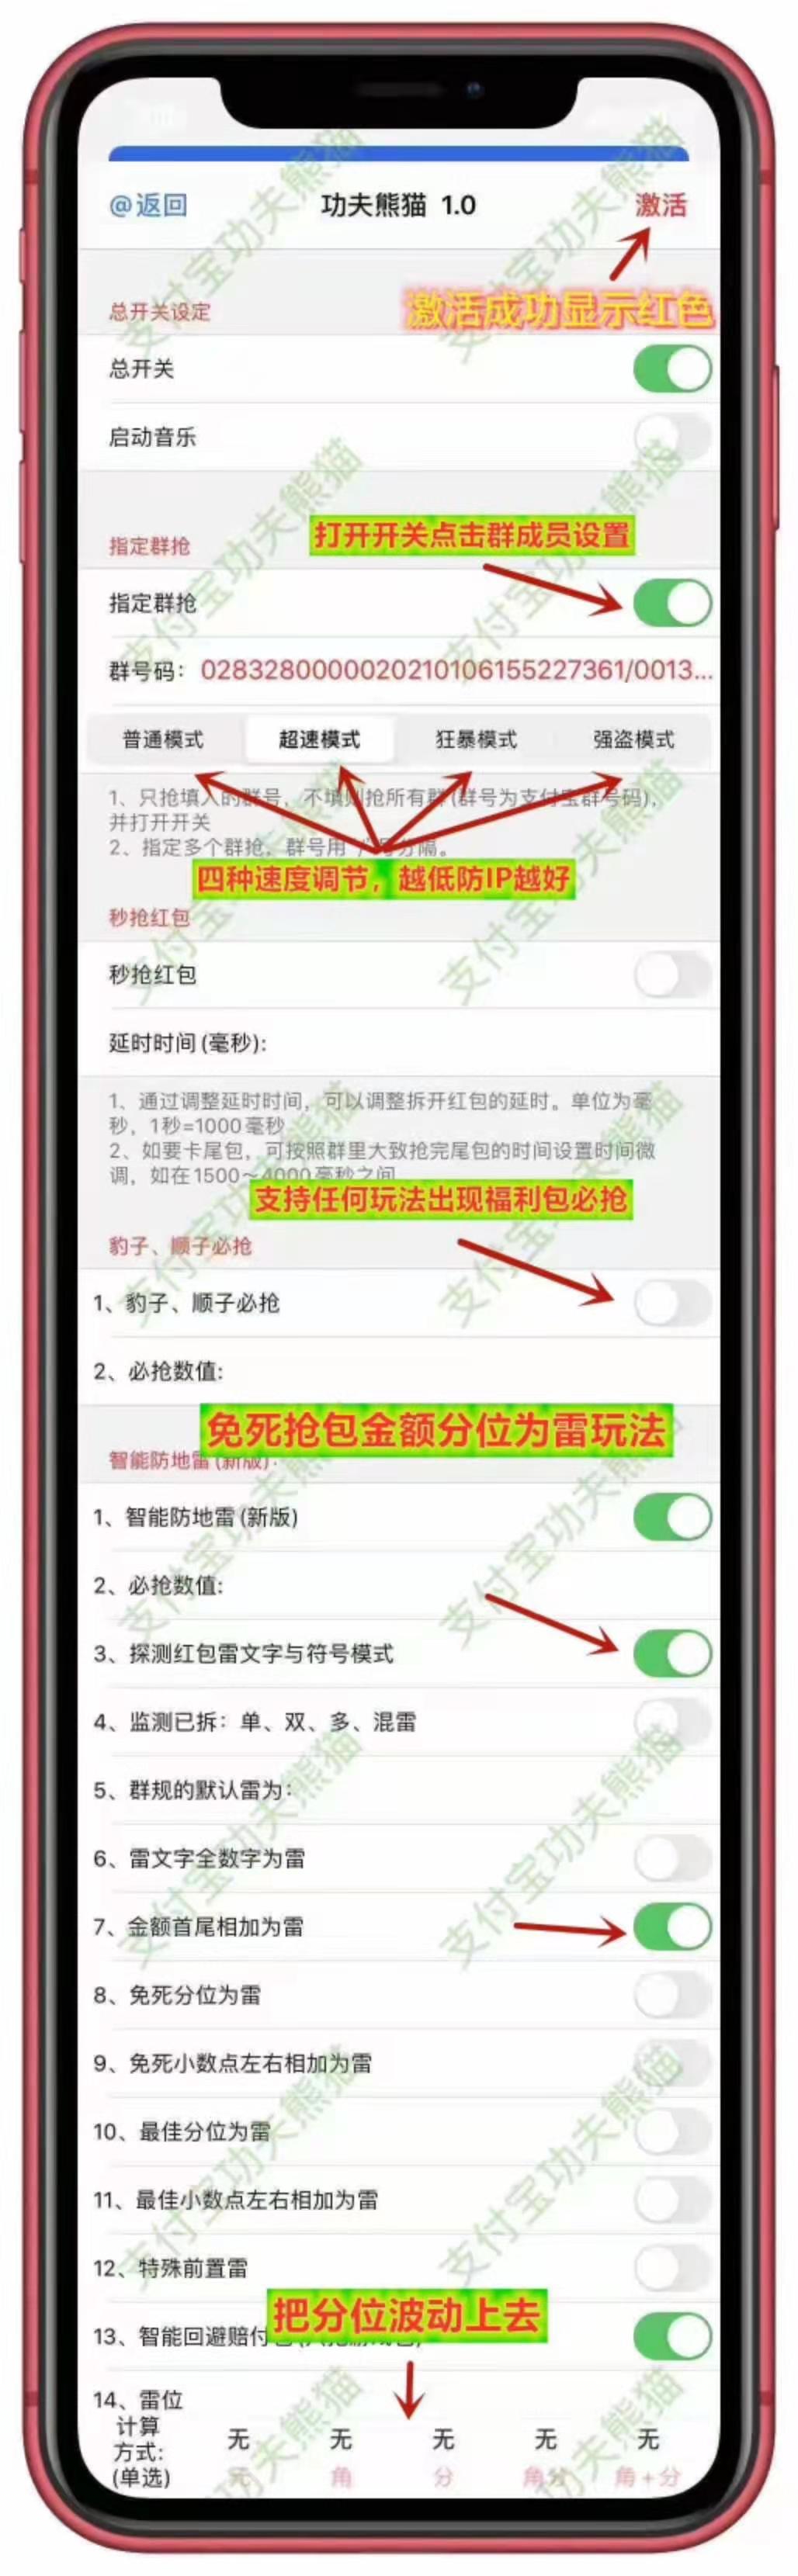 【支付宝功夫熊猫秒单透】速度挑战全网 专治各种不服